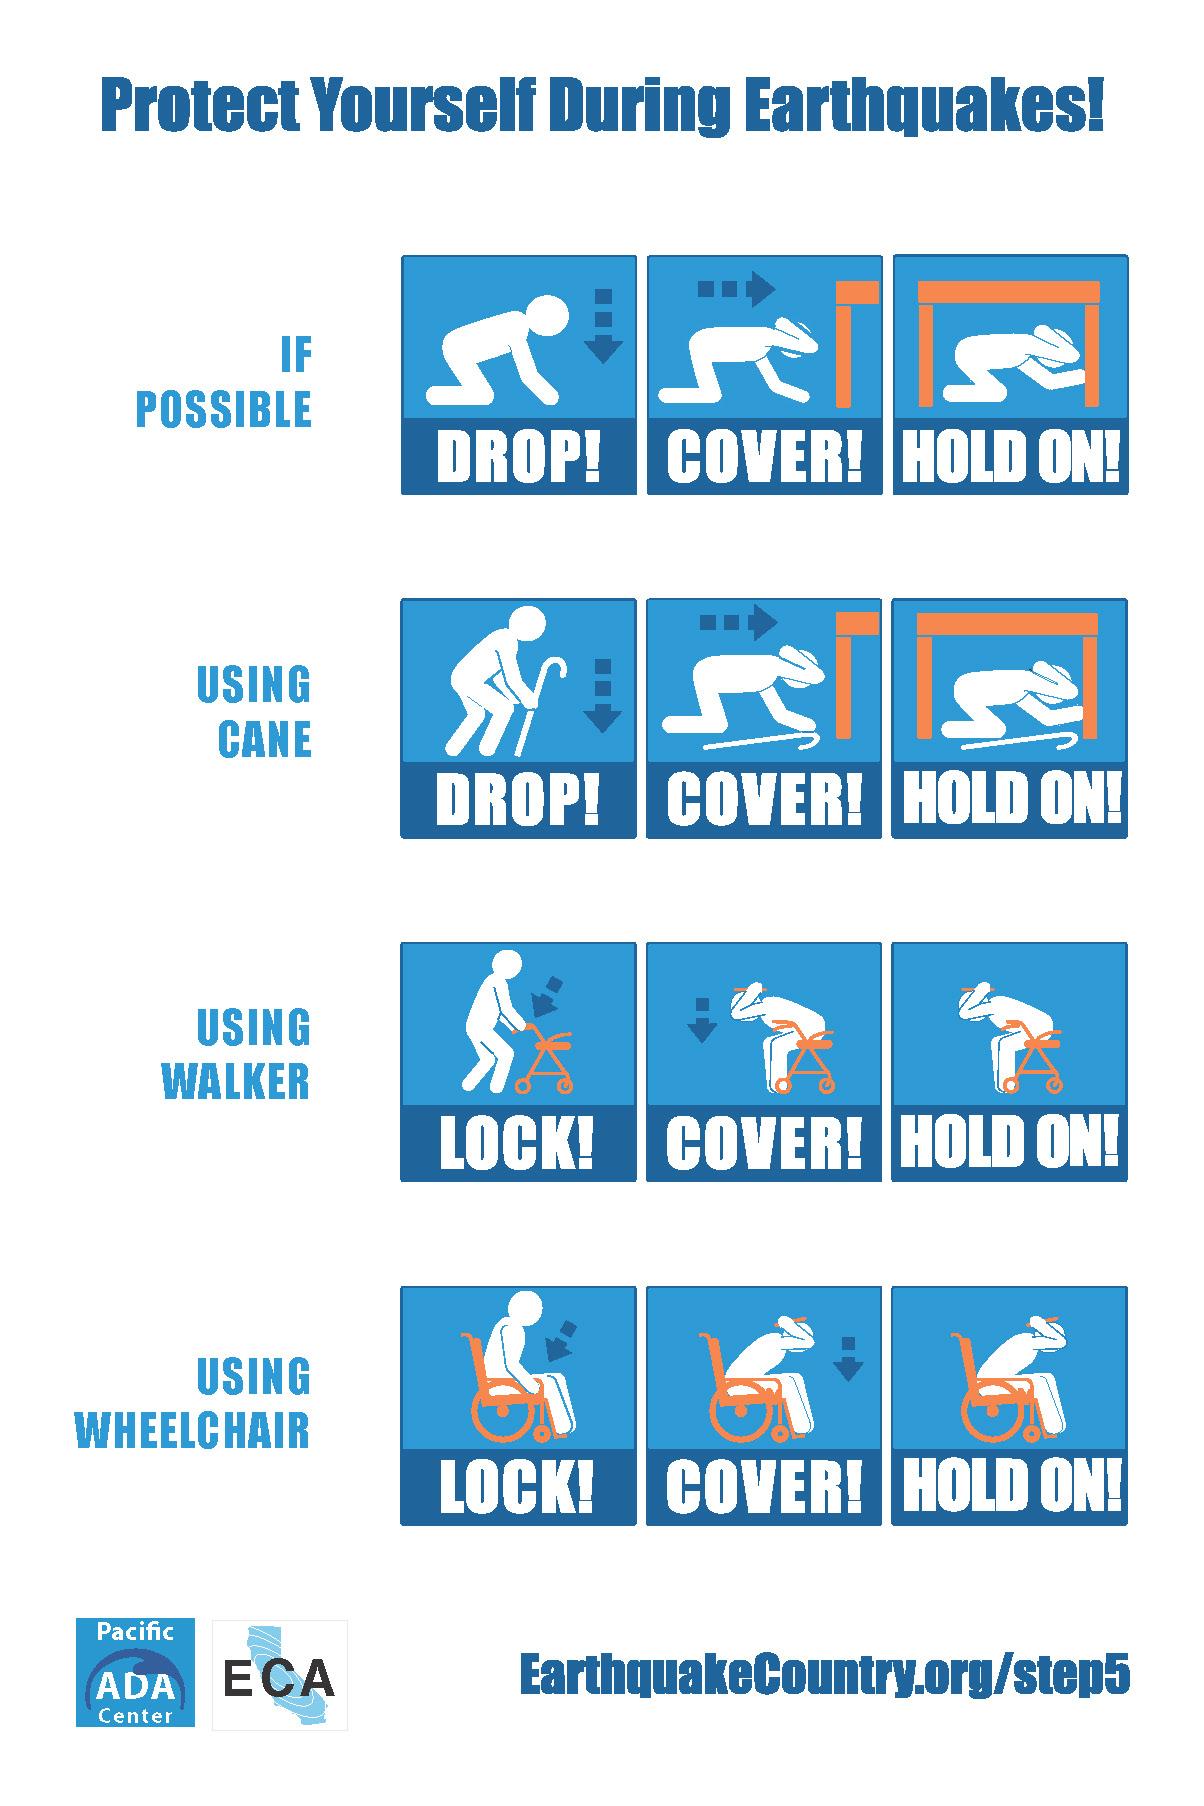 Earthquake Protective Action flyer (English)